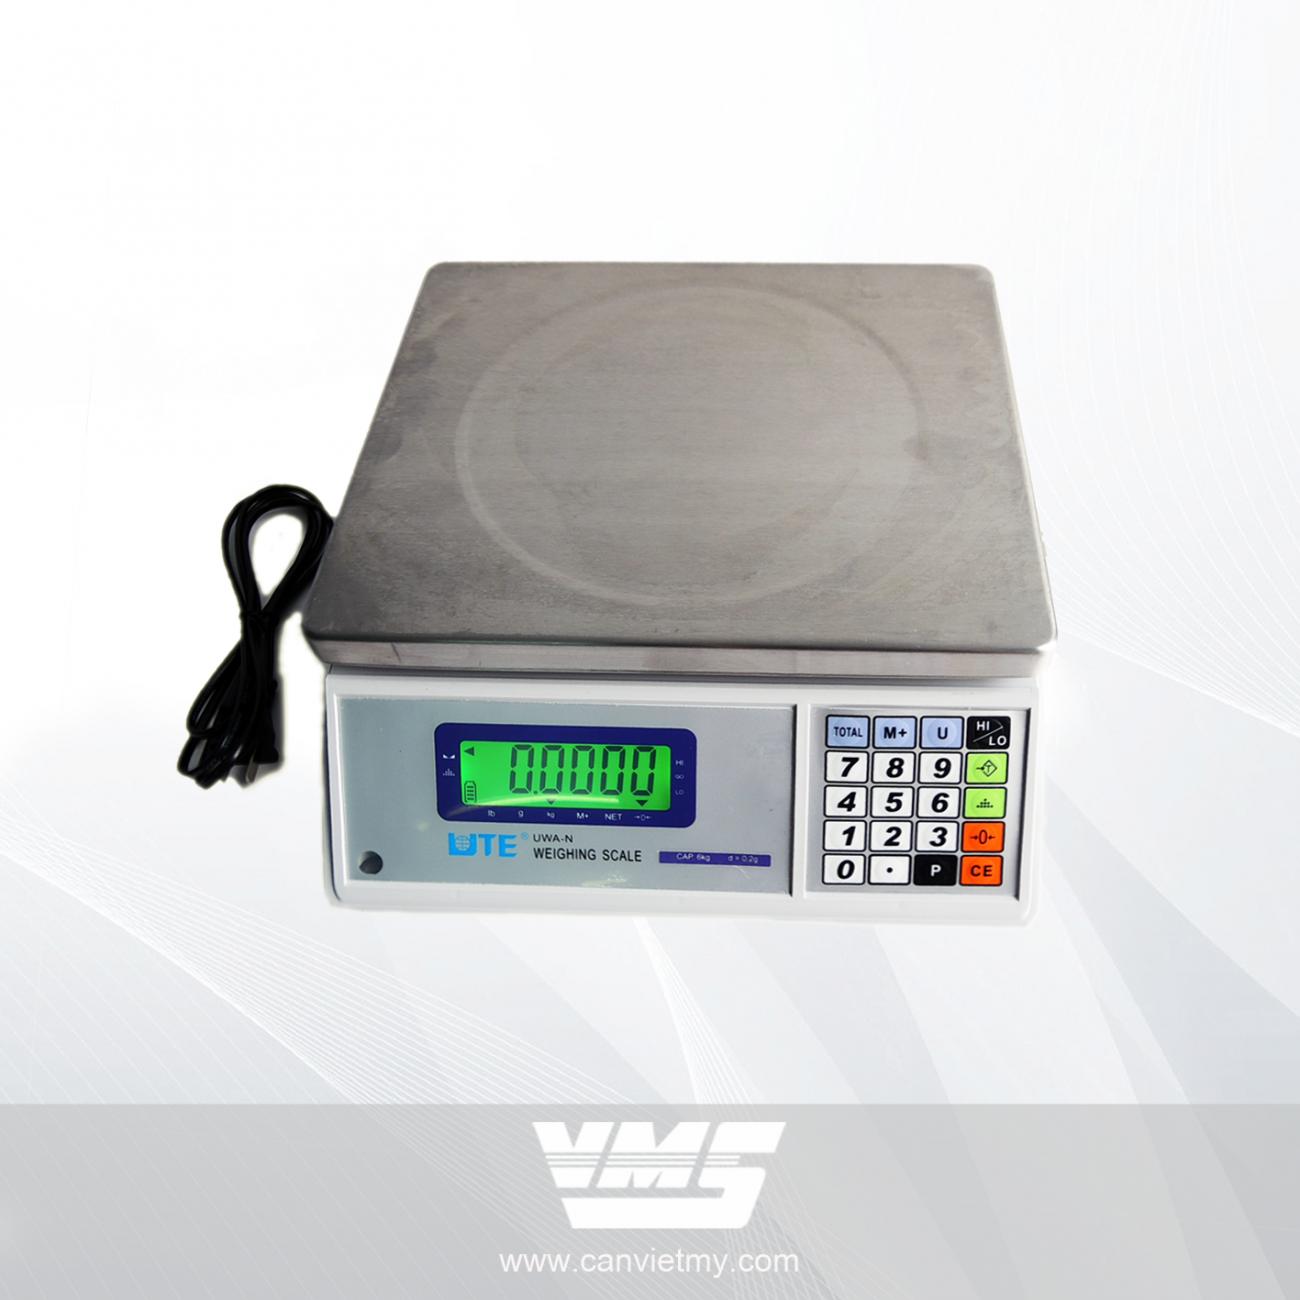 CÂN ĐIỆN TỬ UWA-N 15KG slide 0